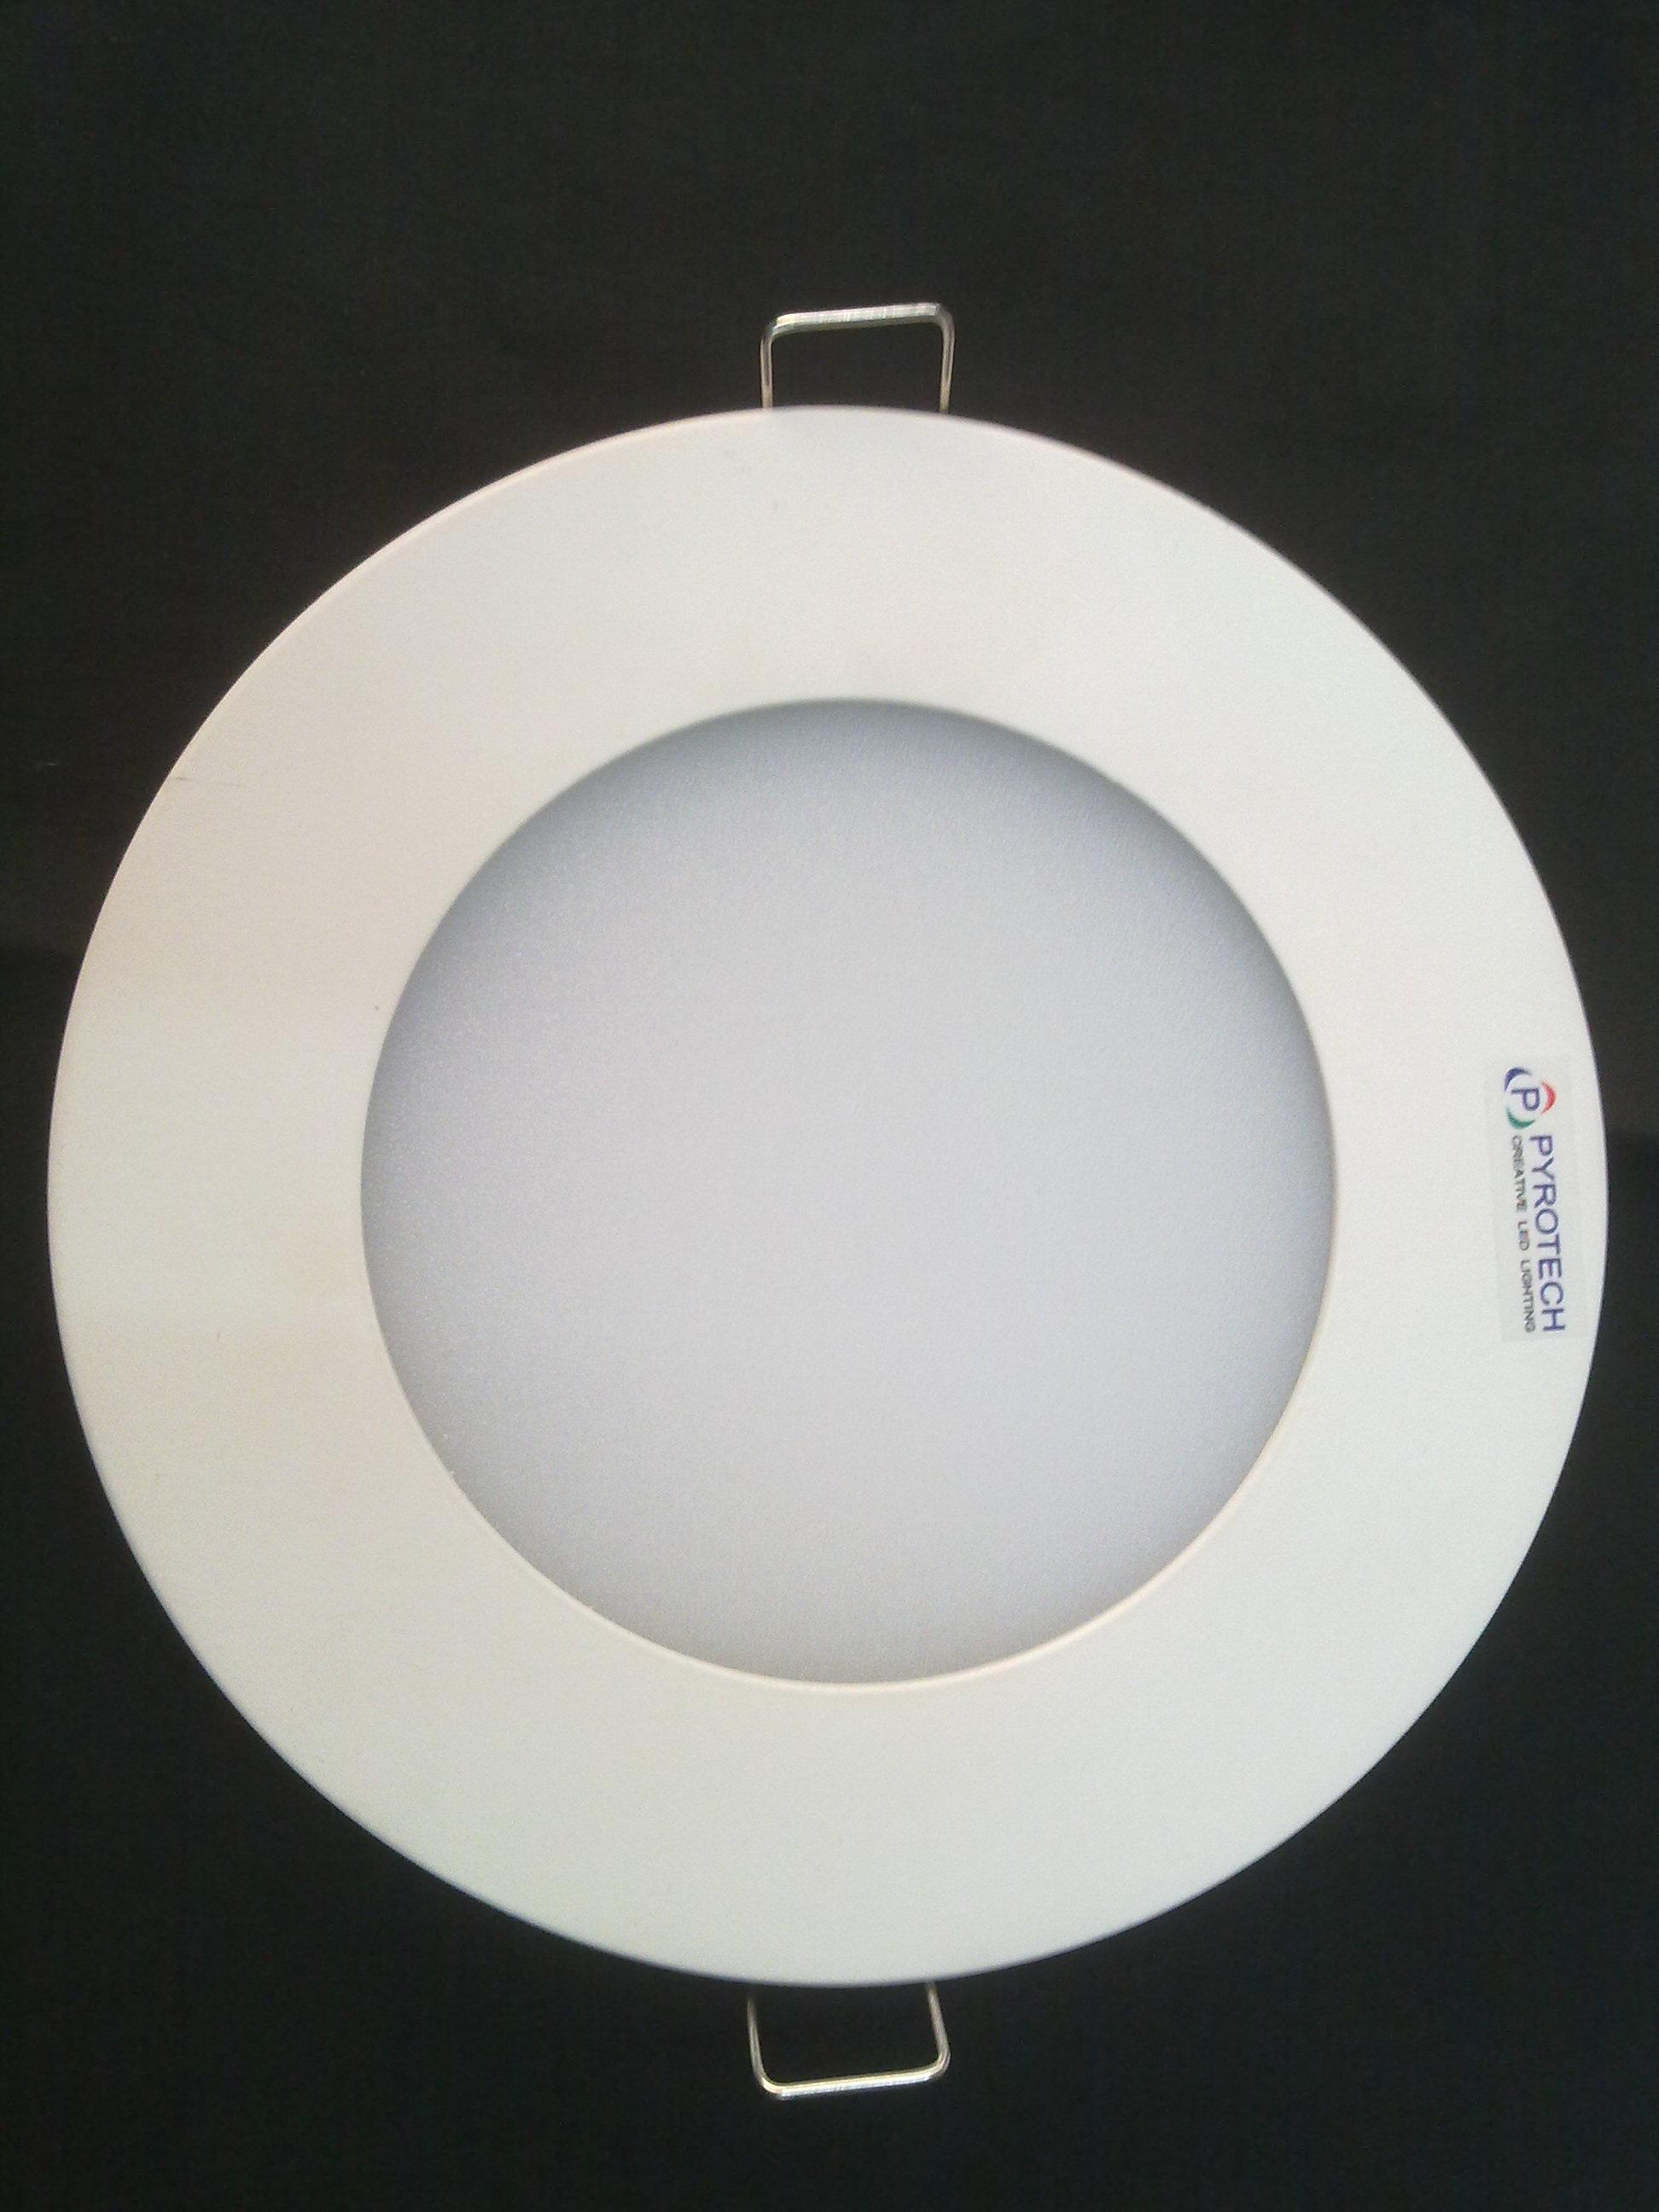 home kitchen decor lighting decorative lights pyrotech led. Black Bedroom Furniture Sets. Home Design Ideas